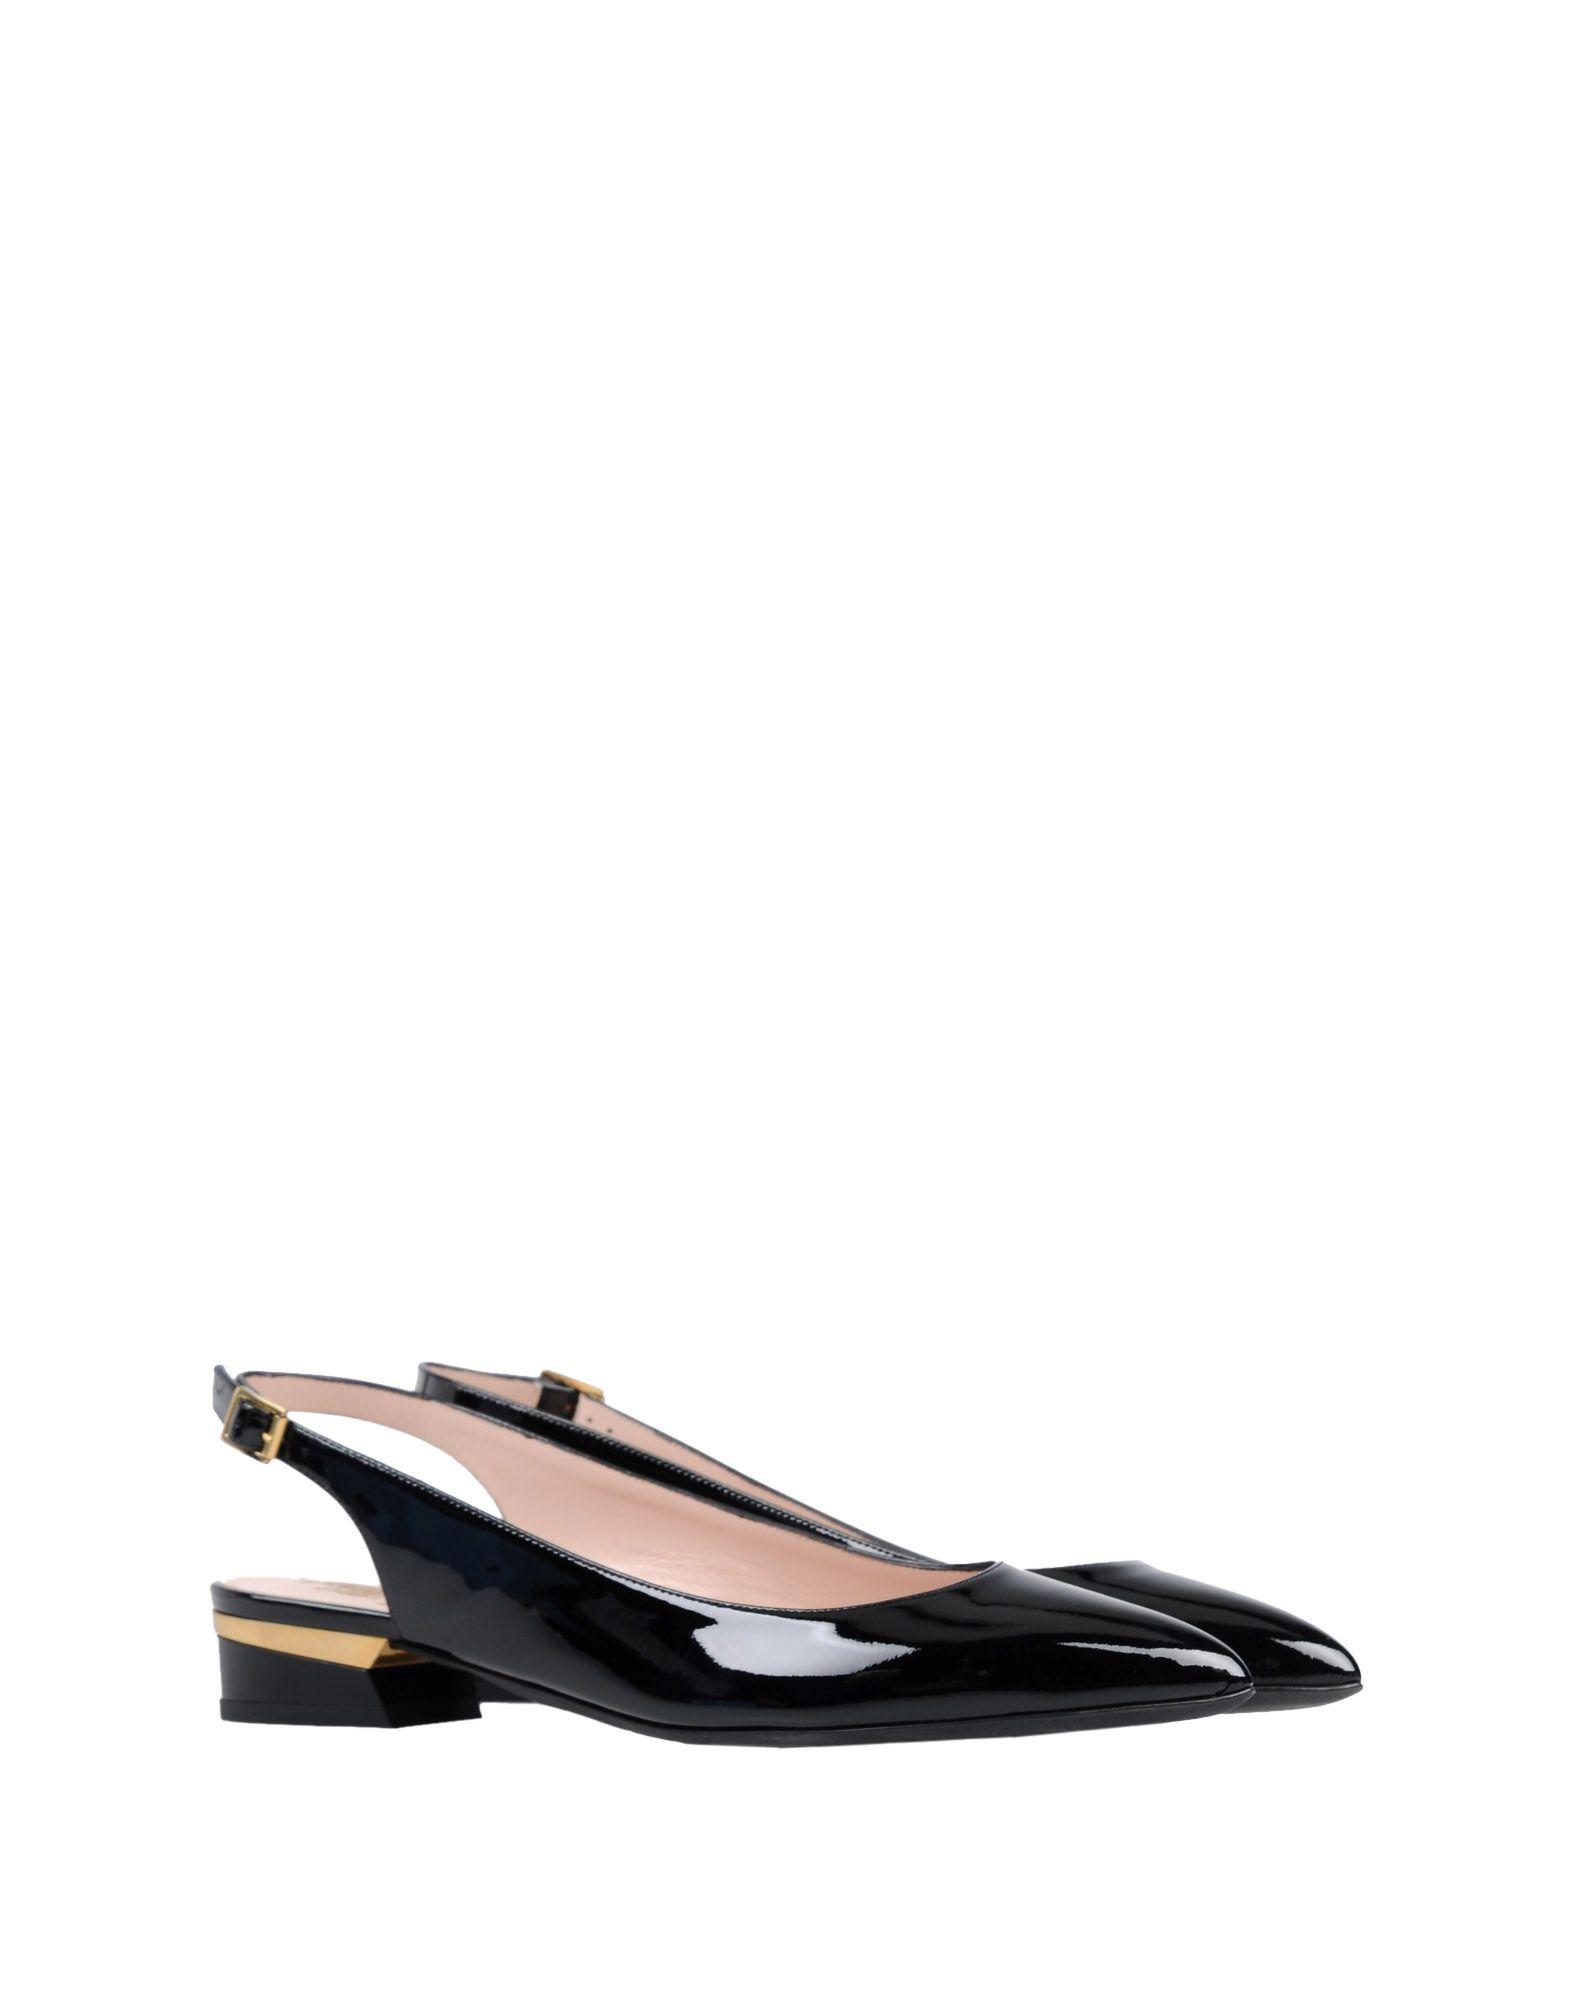 Haltbare Mode Lanvin billige Schuhe Lanvin Mode Pumps Damen  11479574DG Heiße Schuhe 3cf009